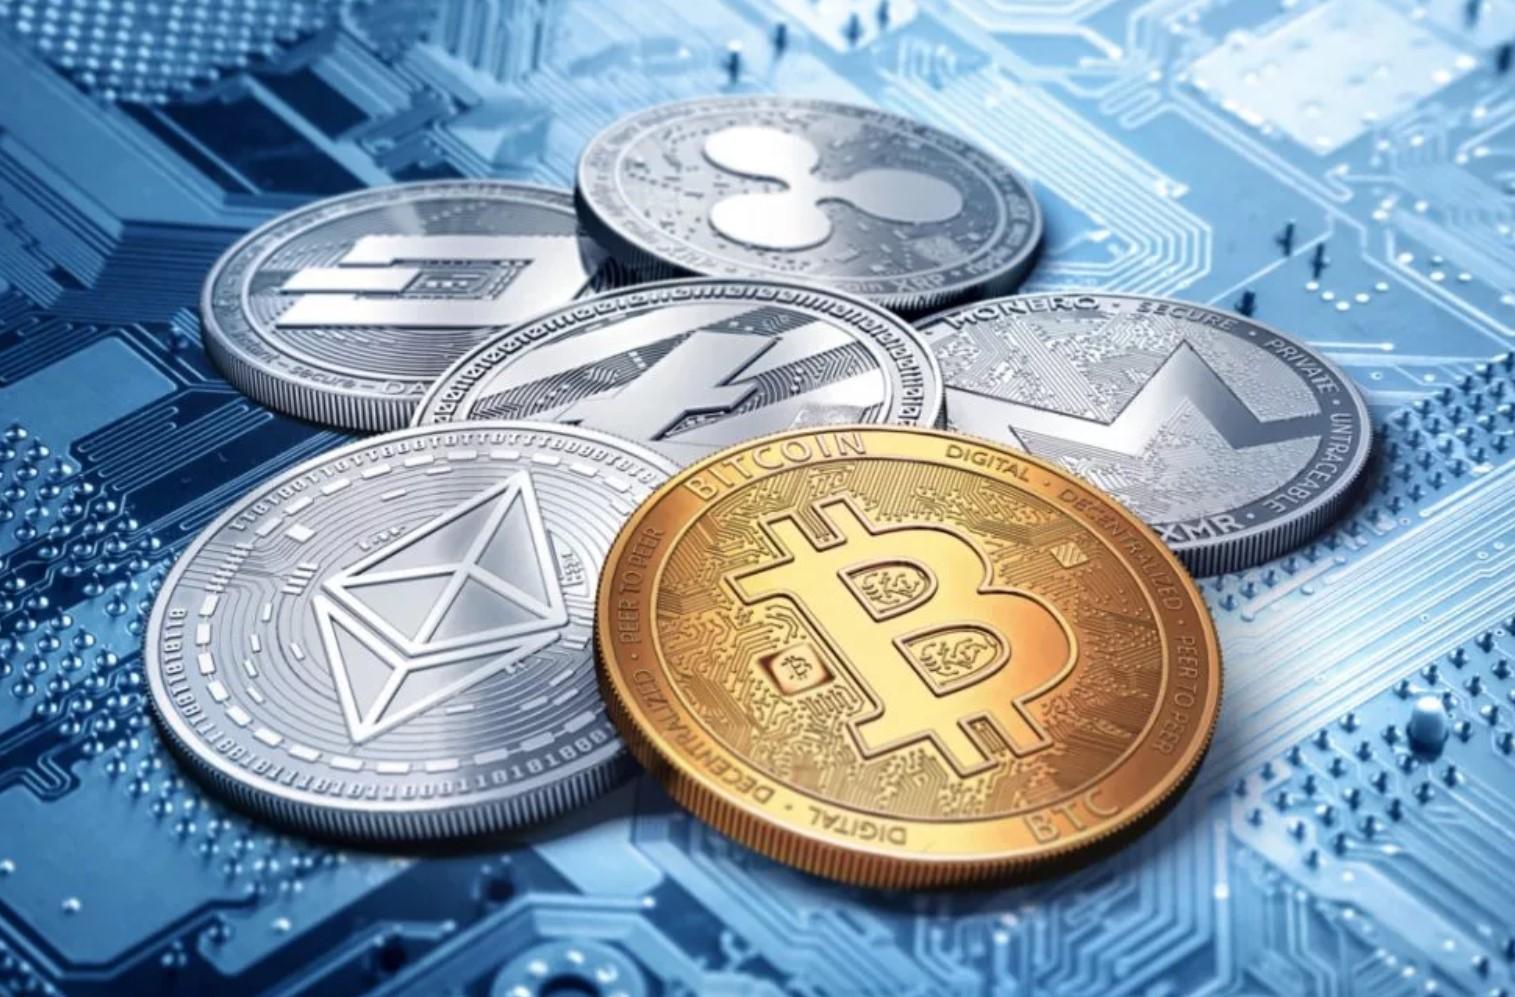 Биржи криптовалют: как найти наиболее надежную для обмена крипты на фиат